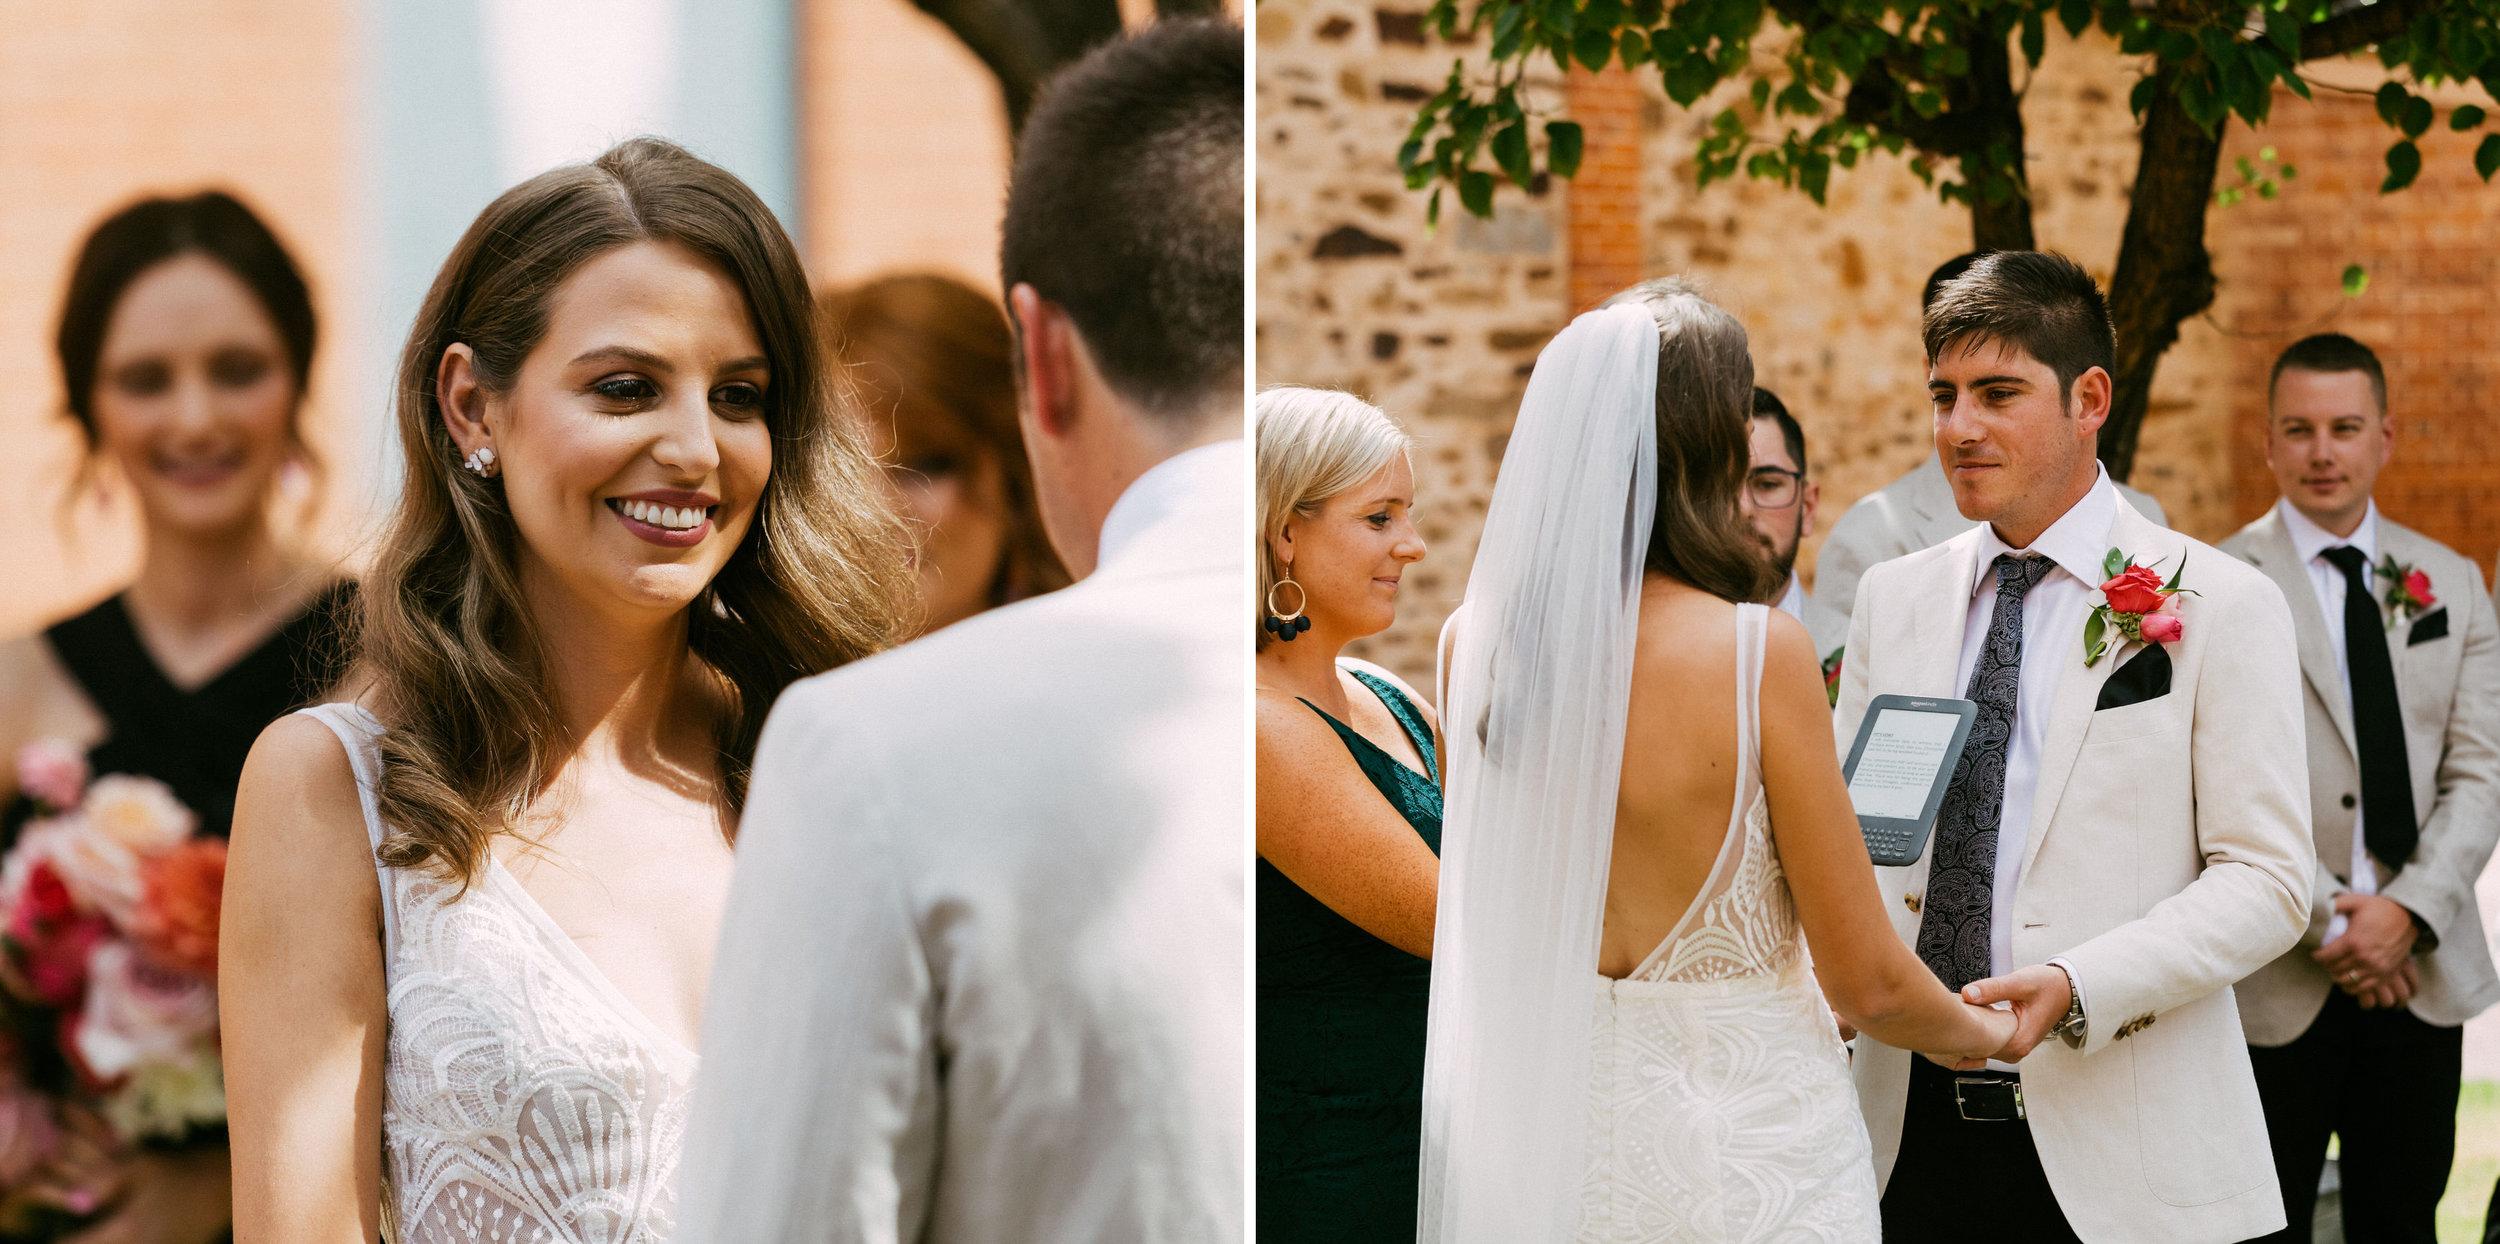 Adelaide City Fringe Garden Unearthly Delight Wedding 045.jpg